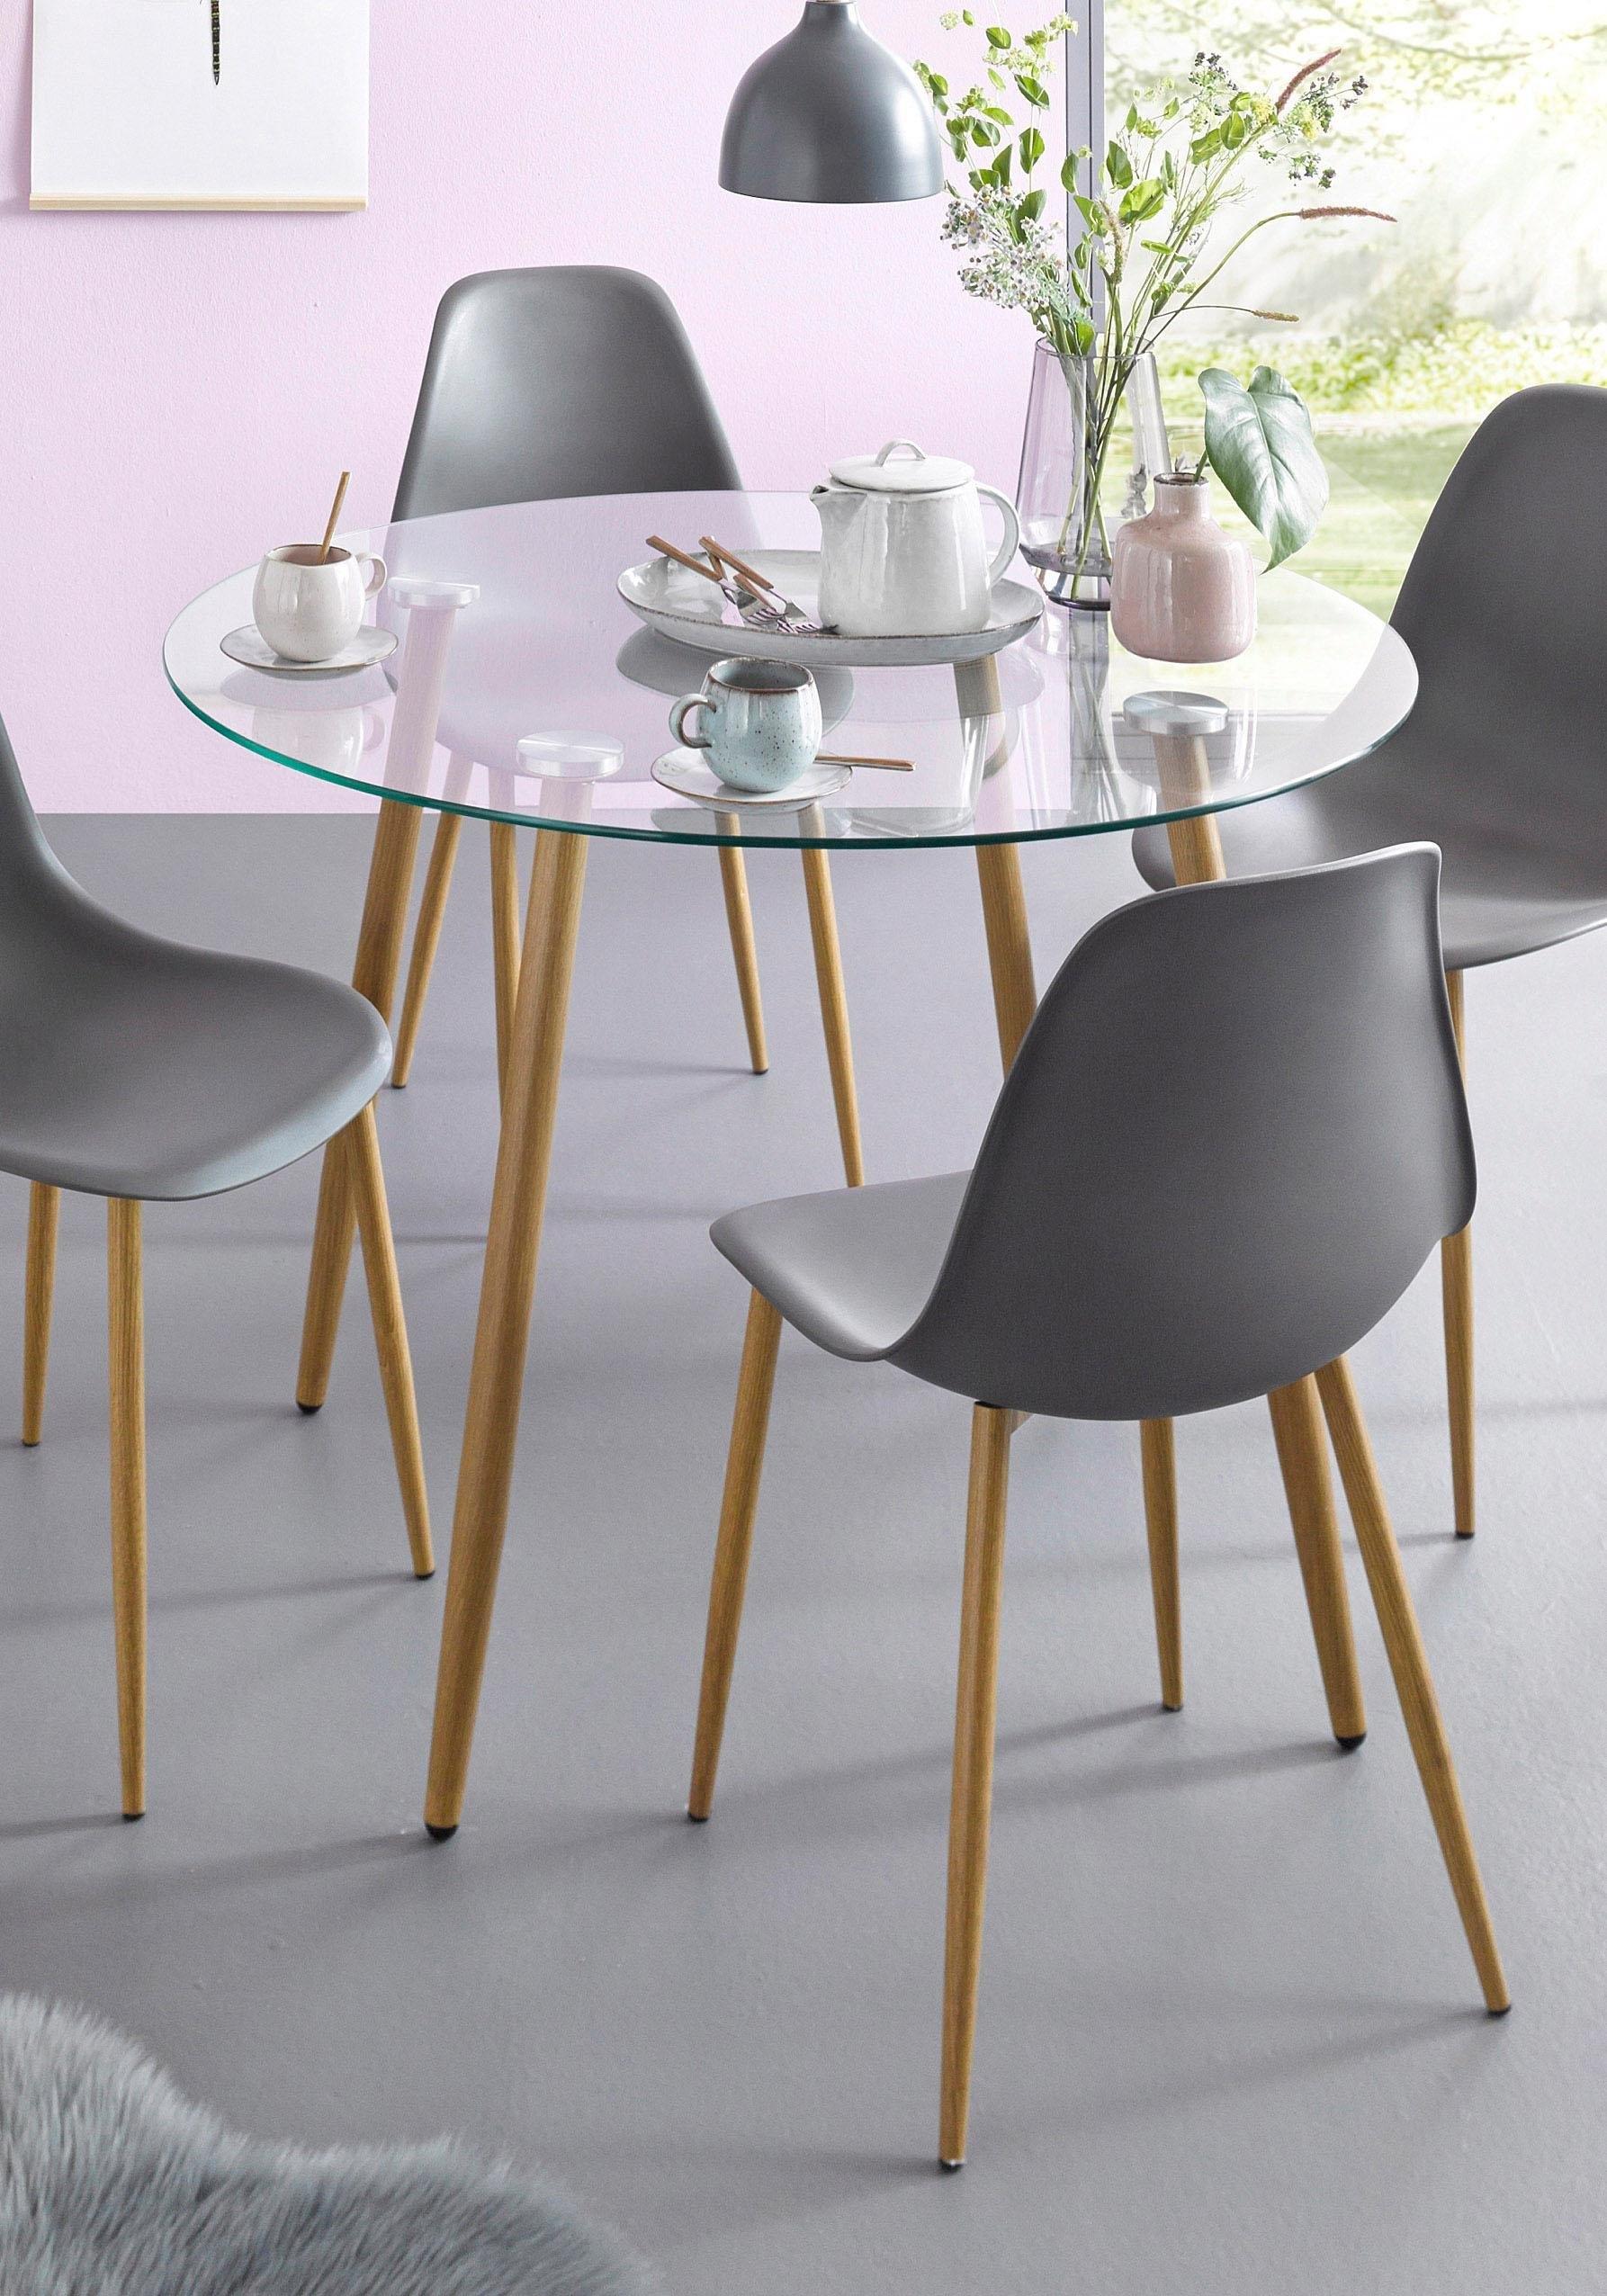 Super Glazen tafel, rond, diameter 100 cm makkelijk besteld | OTTO DE-54